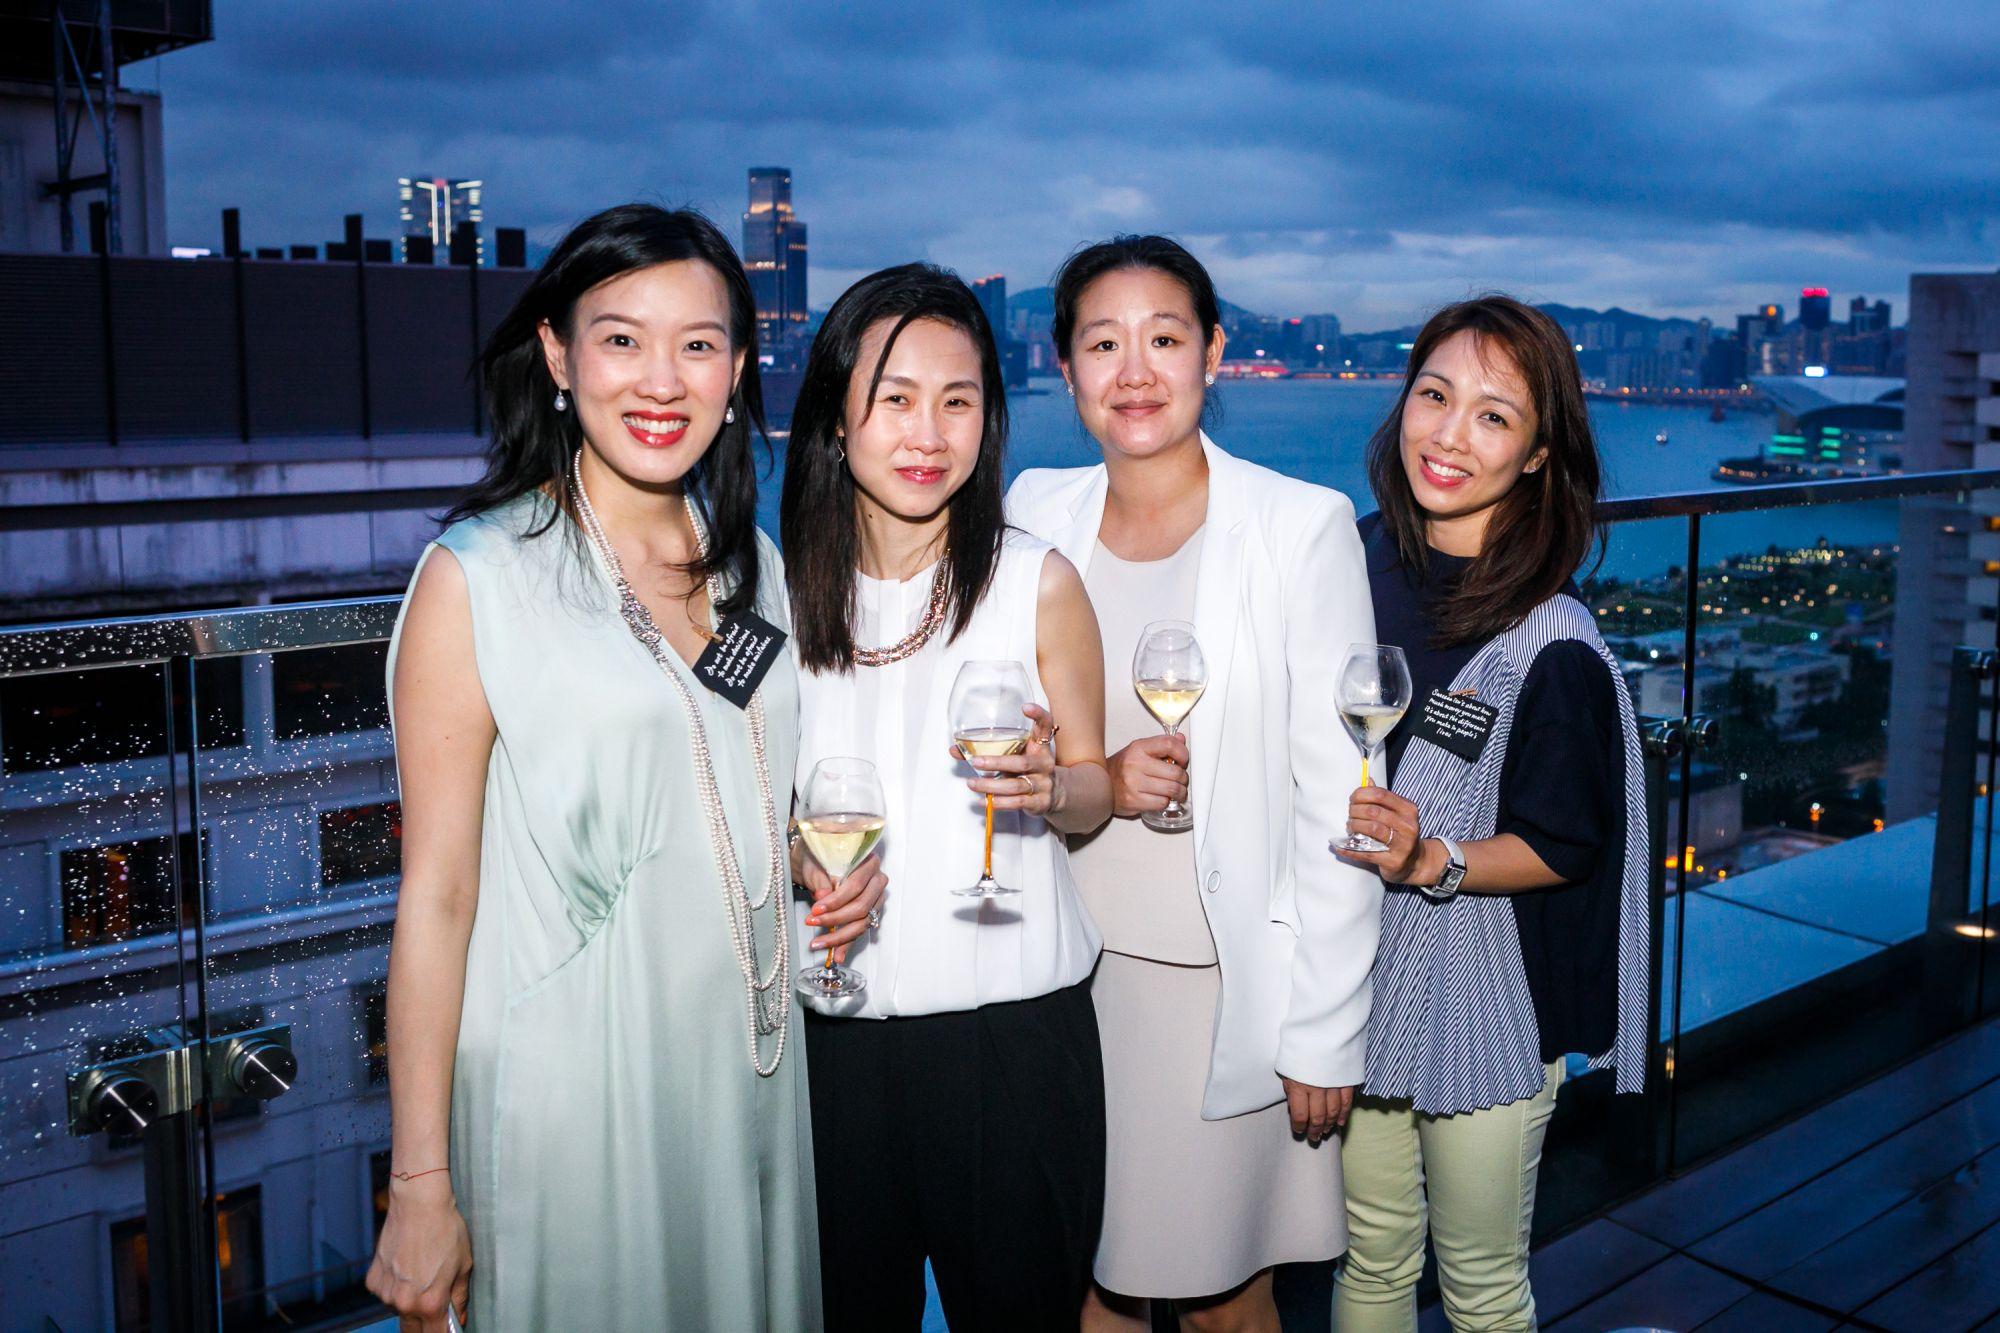 Joyce Tam, Bonnie Chan-Woo, Claire Chan, Sharon Chow